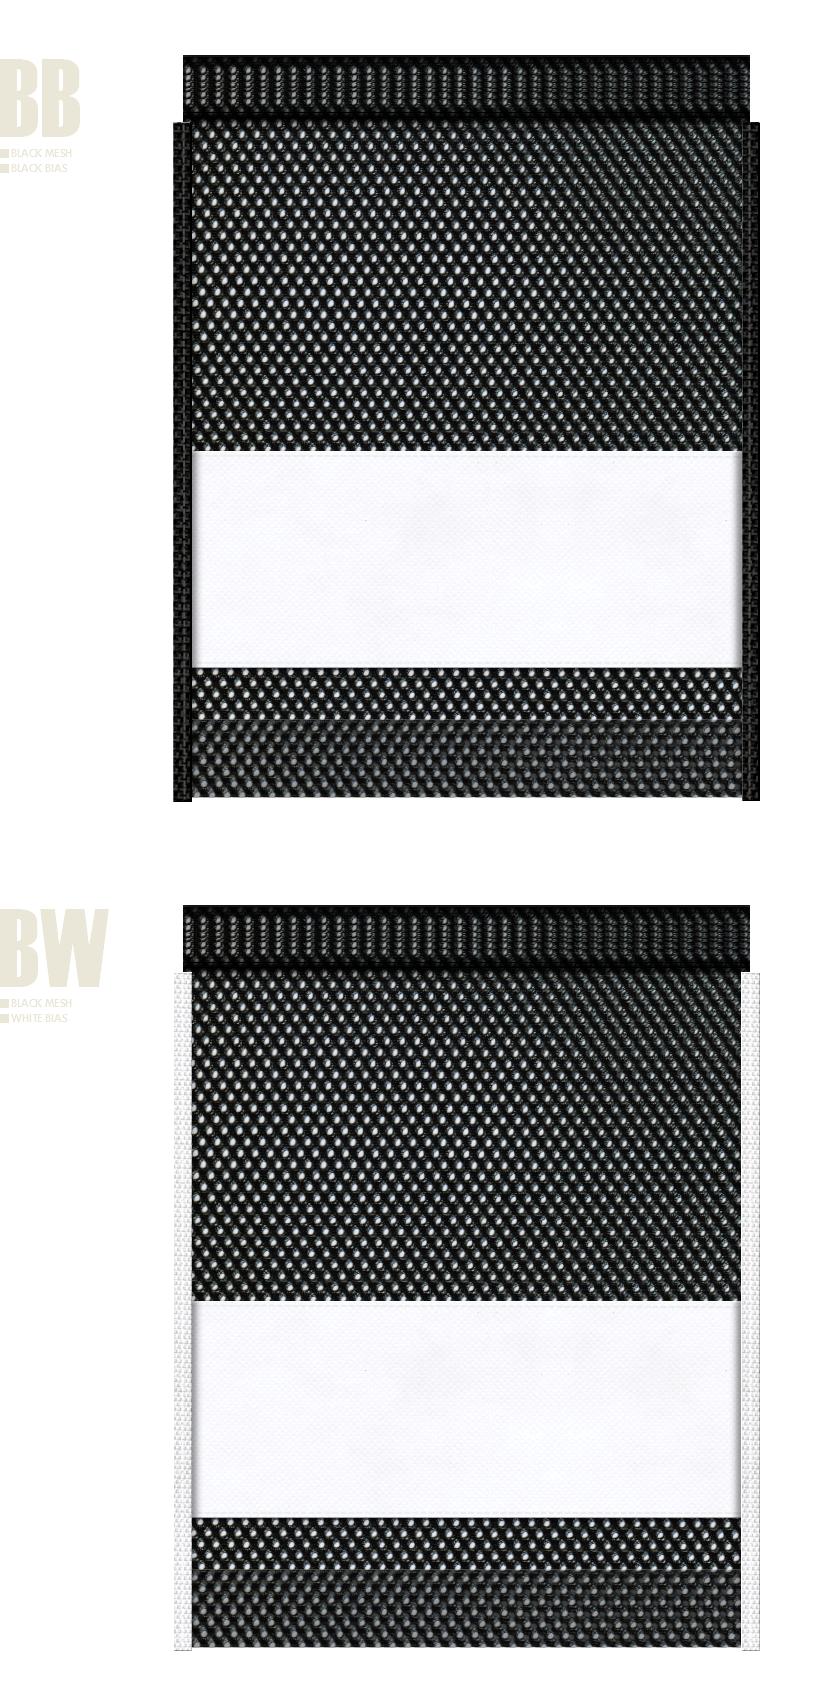 黒色メッシュと白色不織布のメッシュバッグカラーシミュレーション:スポーツ用品・シューズバッグにお奨め